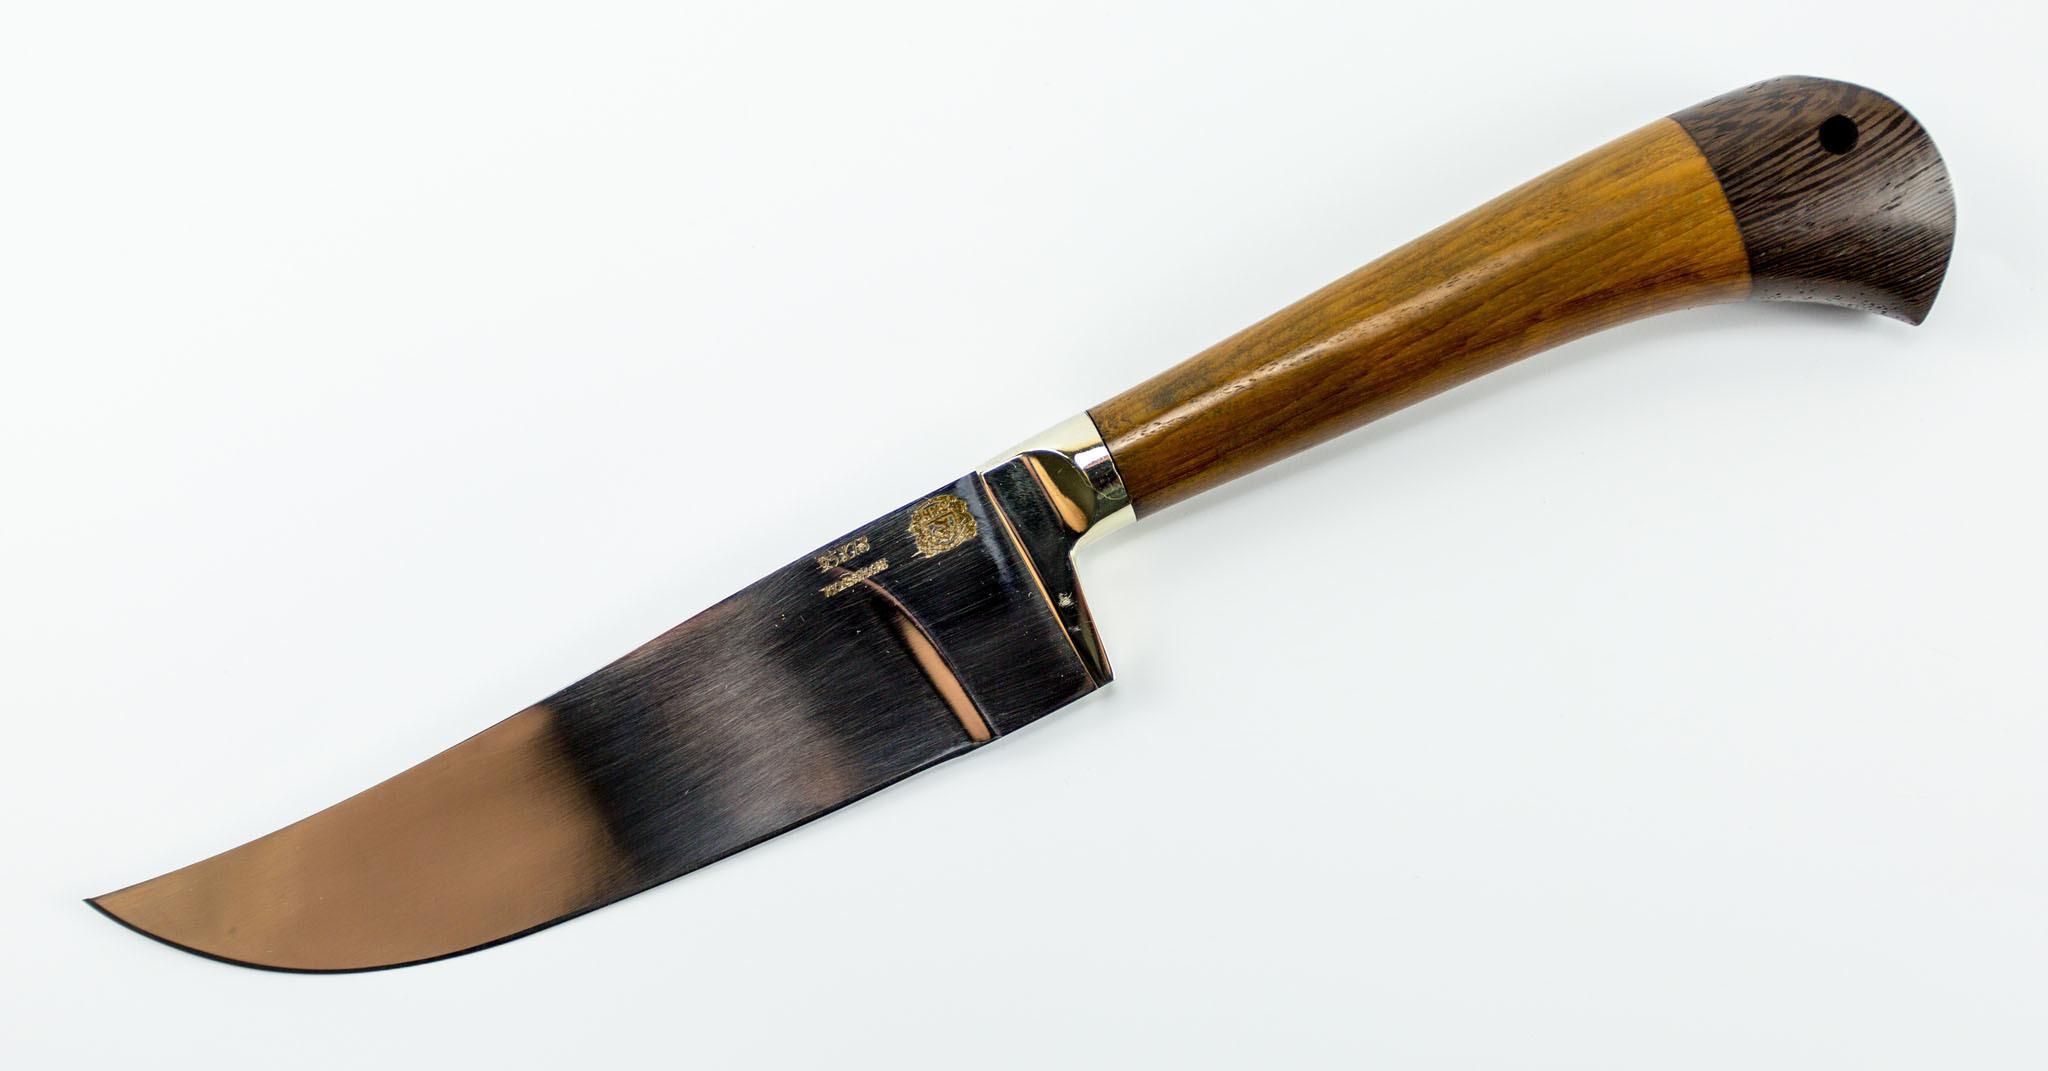 Нож Пчак Средний, сталь 95х18, рукоять орех от Мастерская Сковородихина